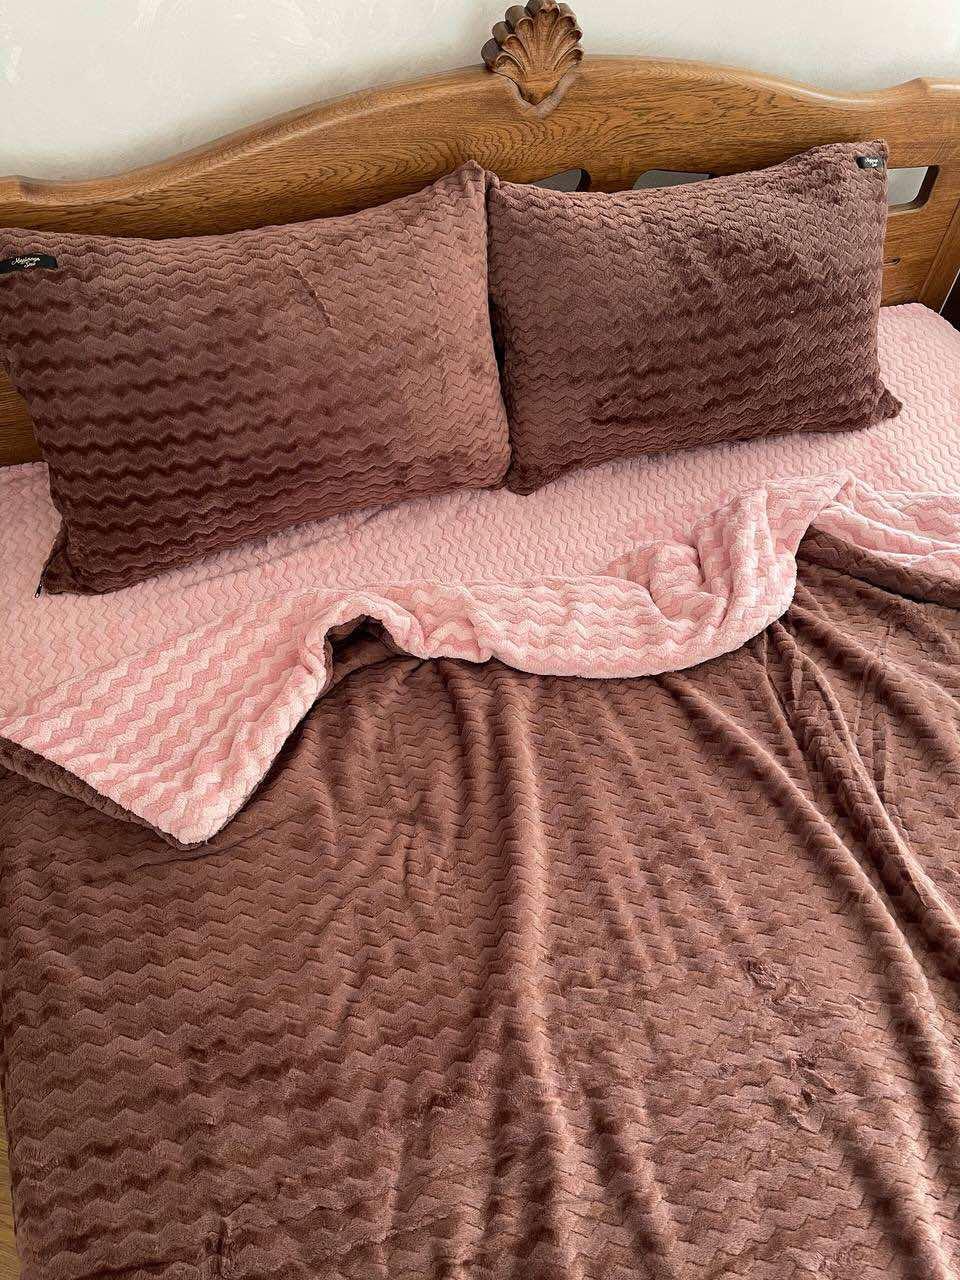 Велюровий Комплект постільної білизни Хвиля двосторонній Рожево - Шоколадний